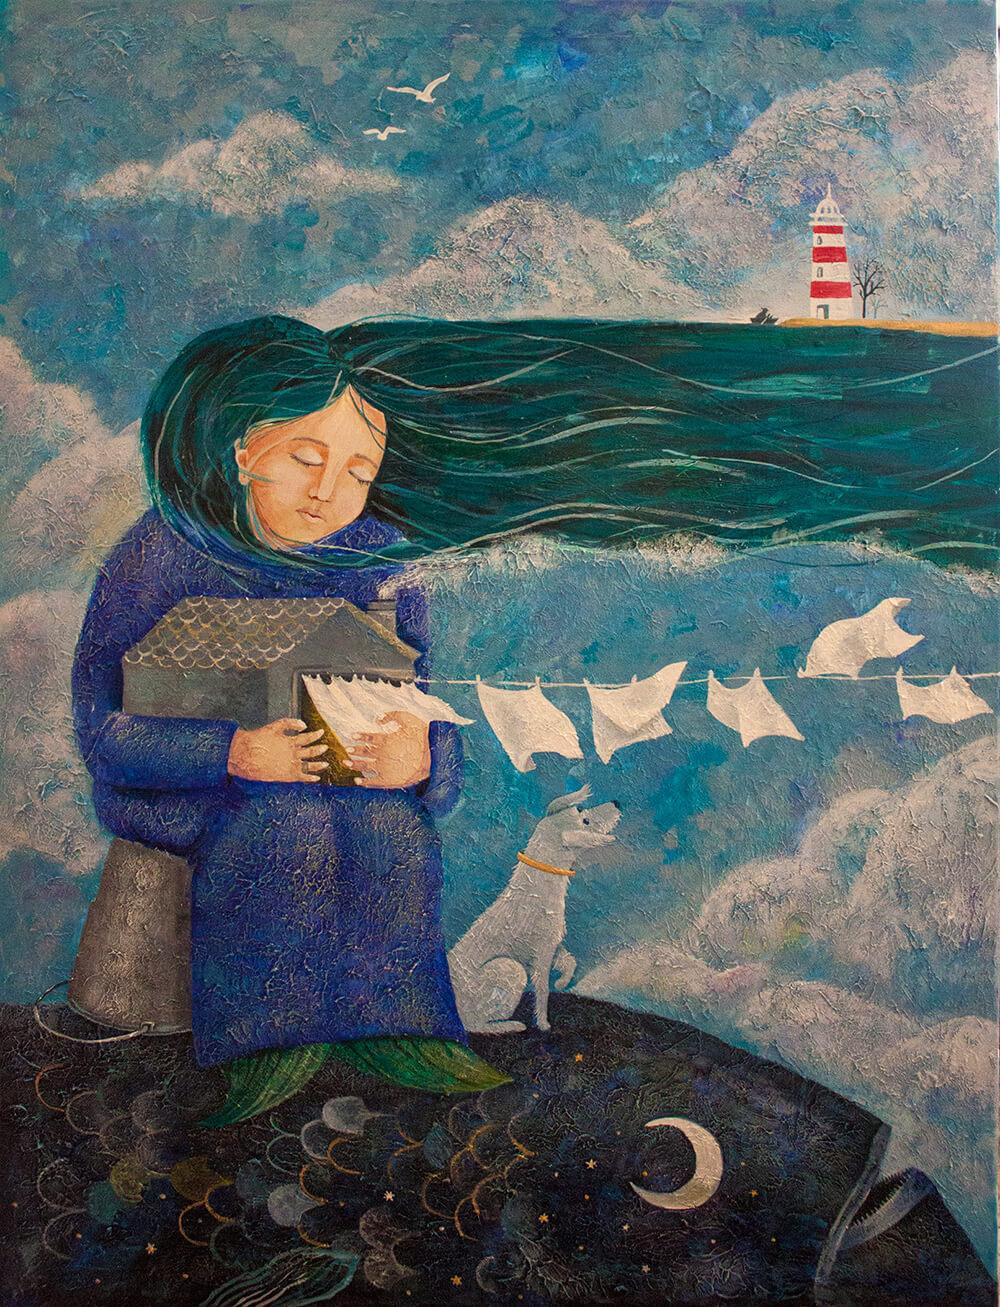 Жена смотрителя маяка. Художник Полина Побережская